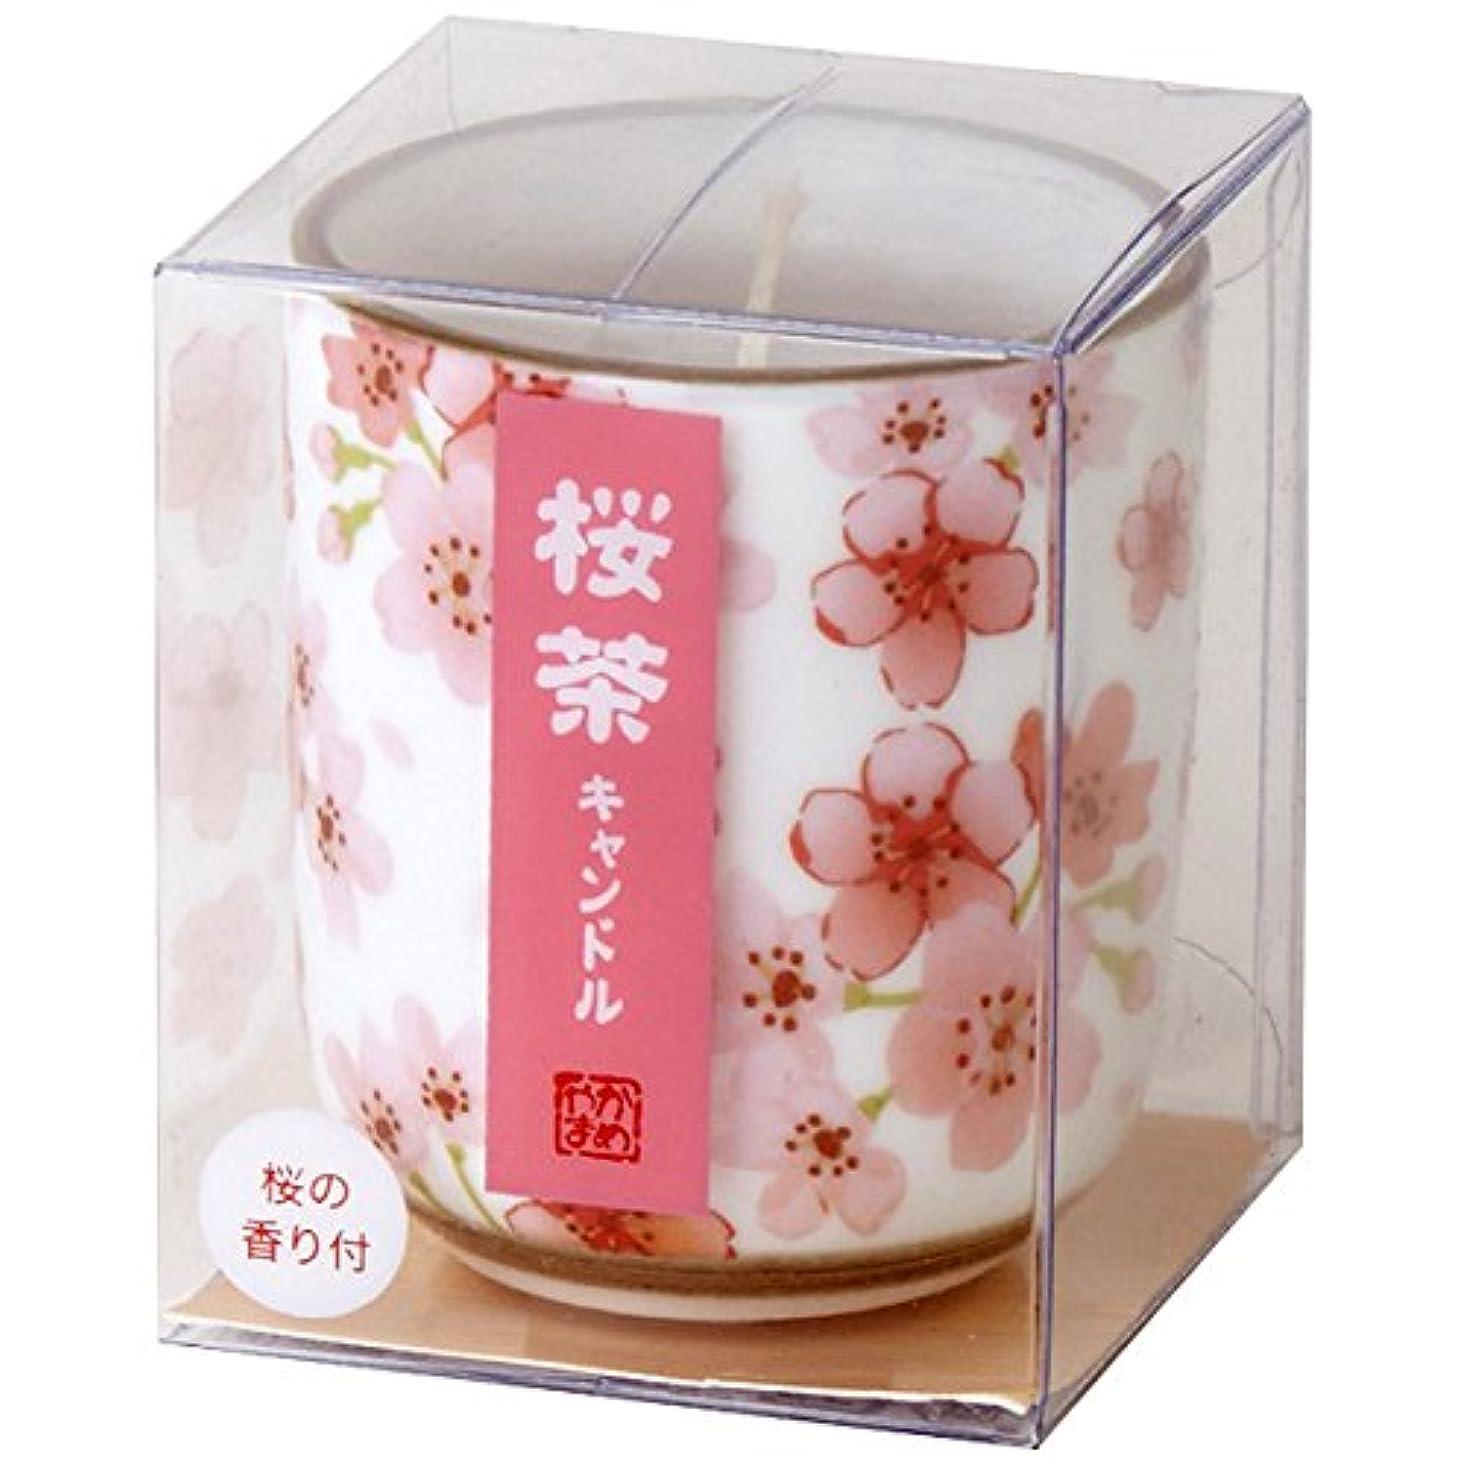 労働あいまいアラビア語桜茶キャンドル(小) 86580010